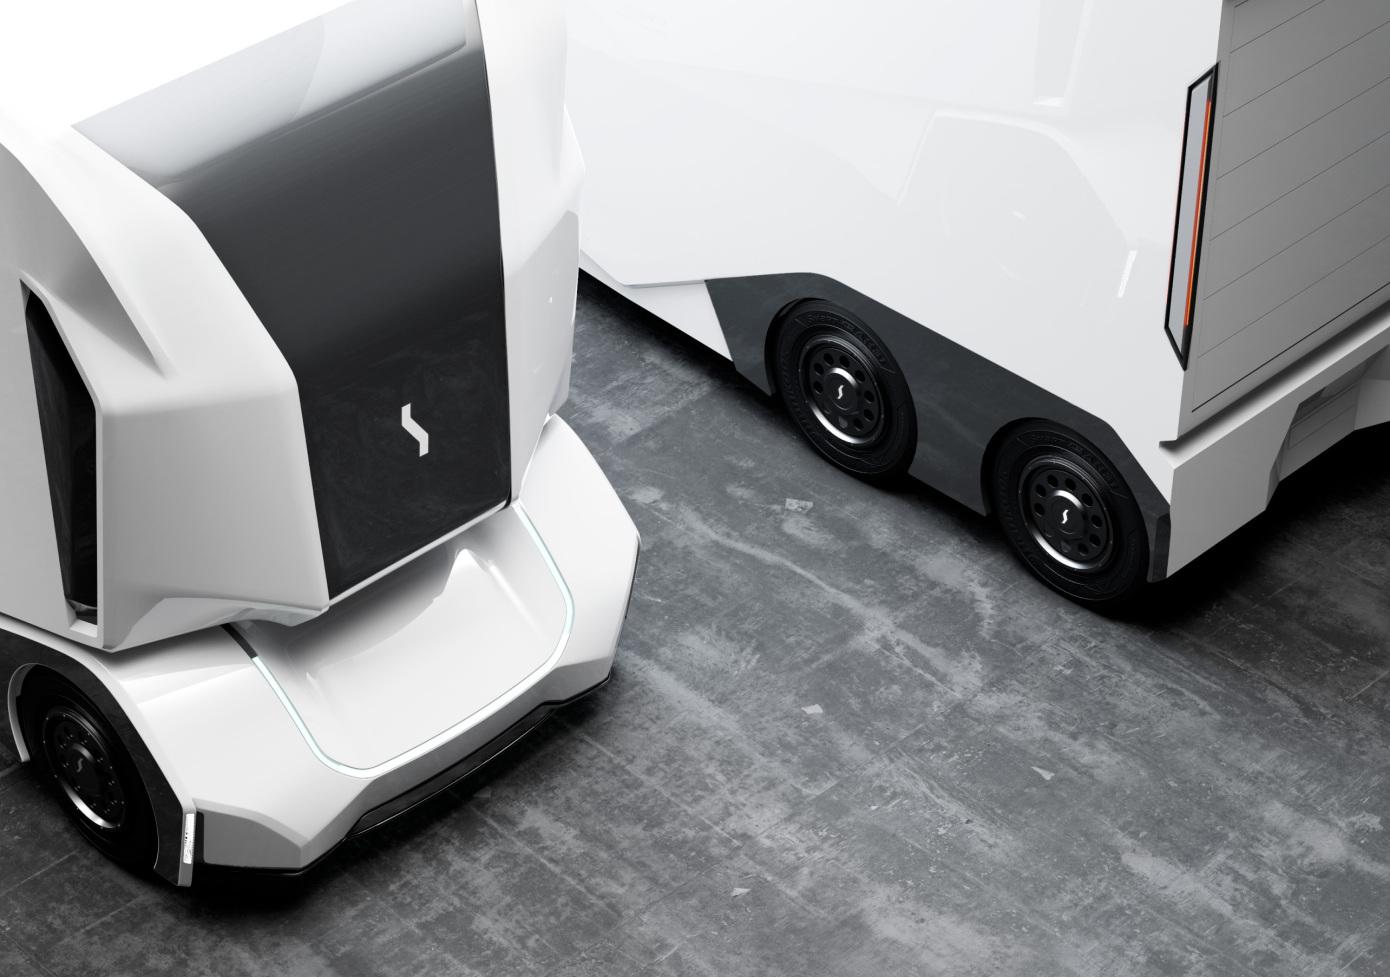 Einride привлекает еще $10 млн, чтобы ускорить выпуск своих автономных электрогрузовиков